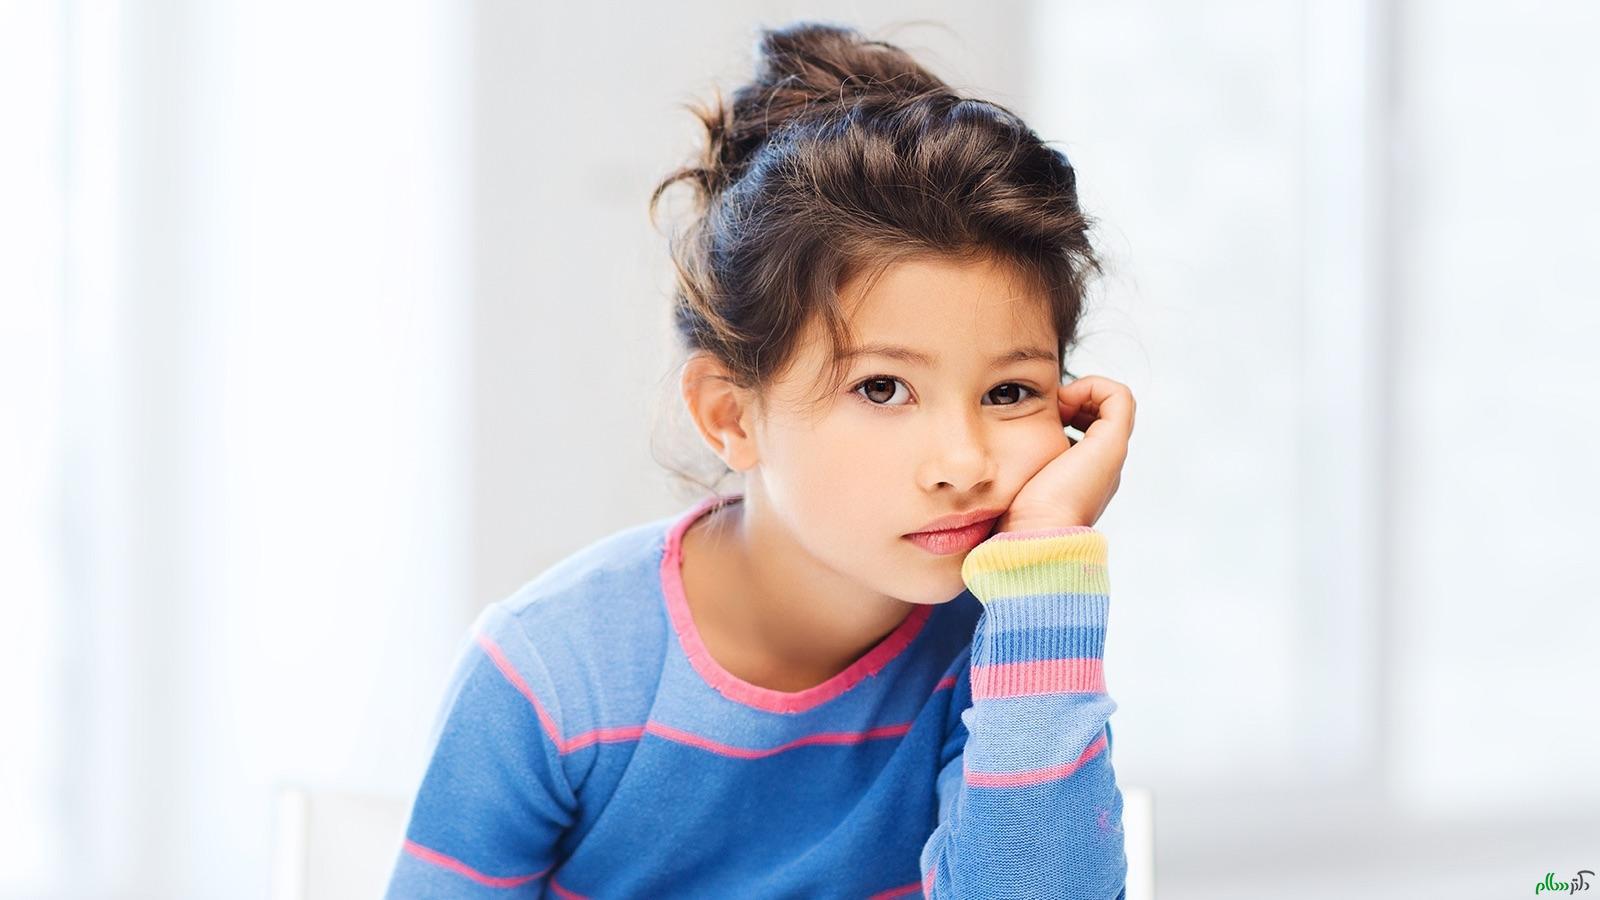 علائم و دلایل اضطراب در کودکان کدام اند؟